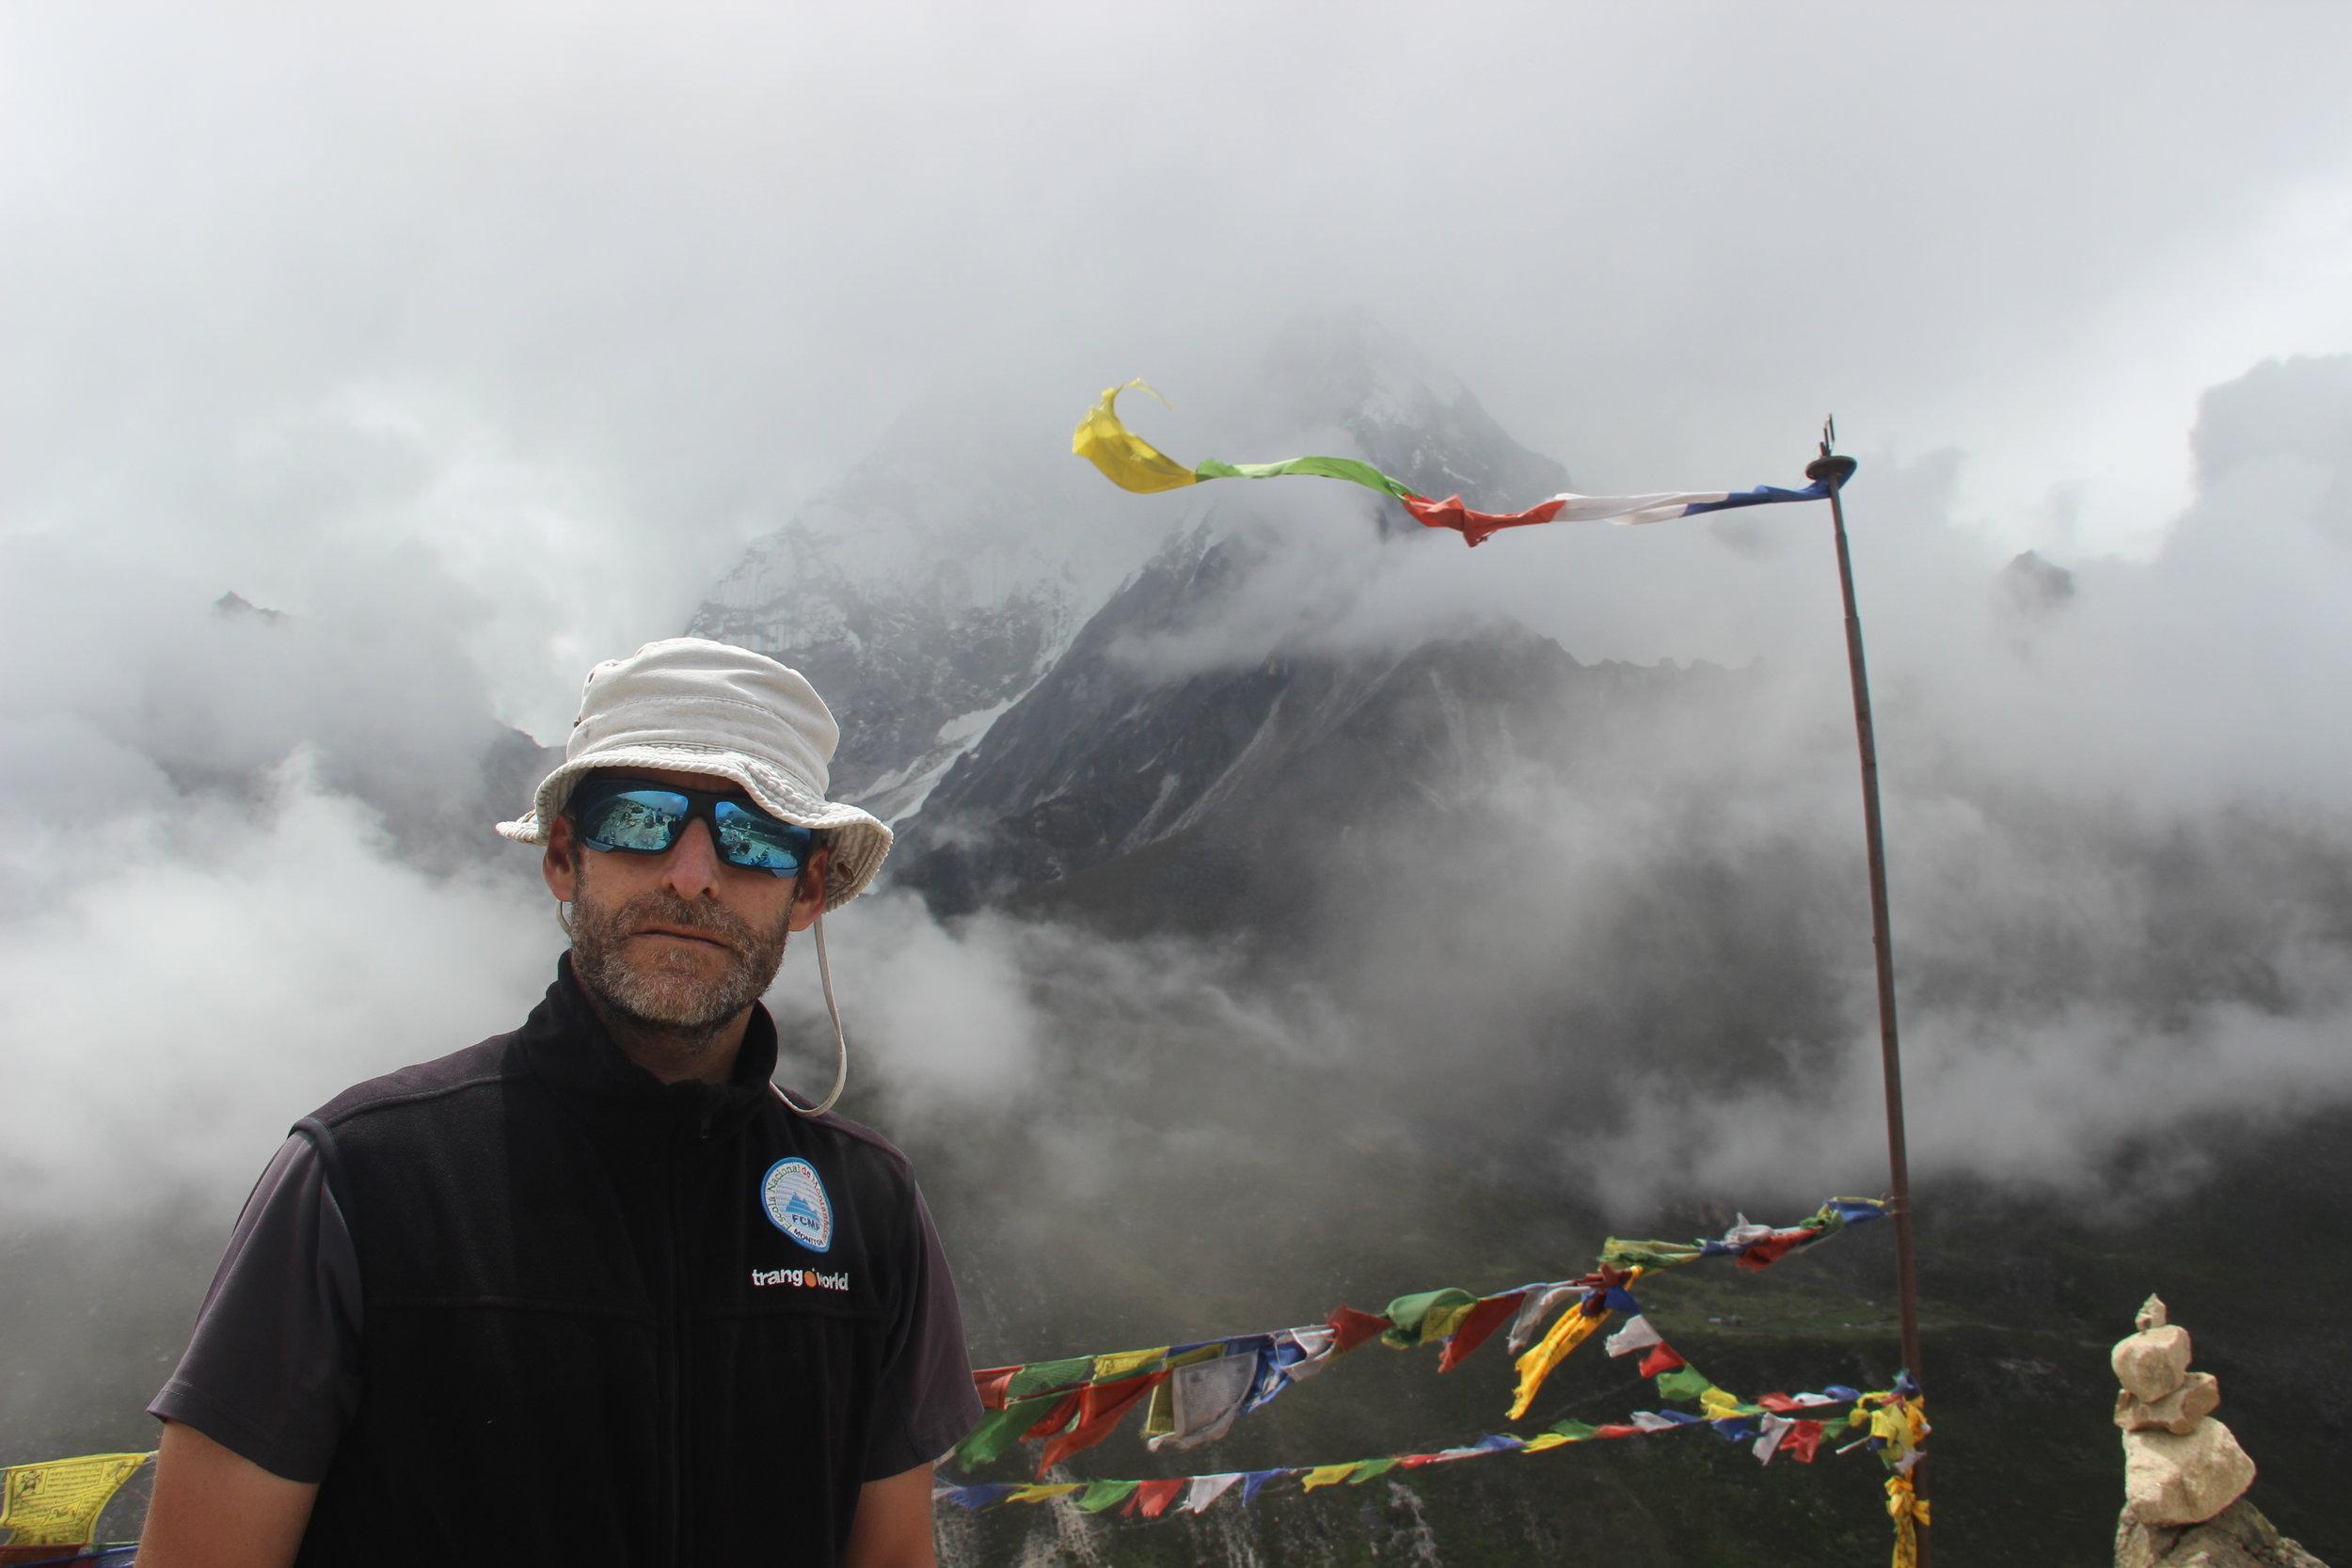 Dia de aclimatação em Periche, com subida aos 4500 metros de altitude. Entre as nuvens o emblemático Ama Dablam, com 6814 metros de altitude.